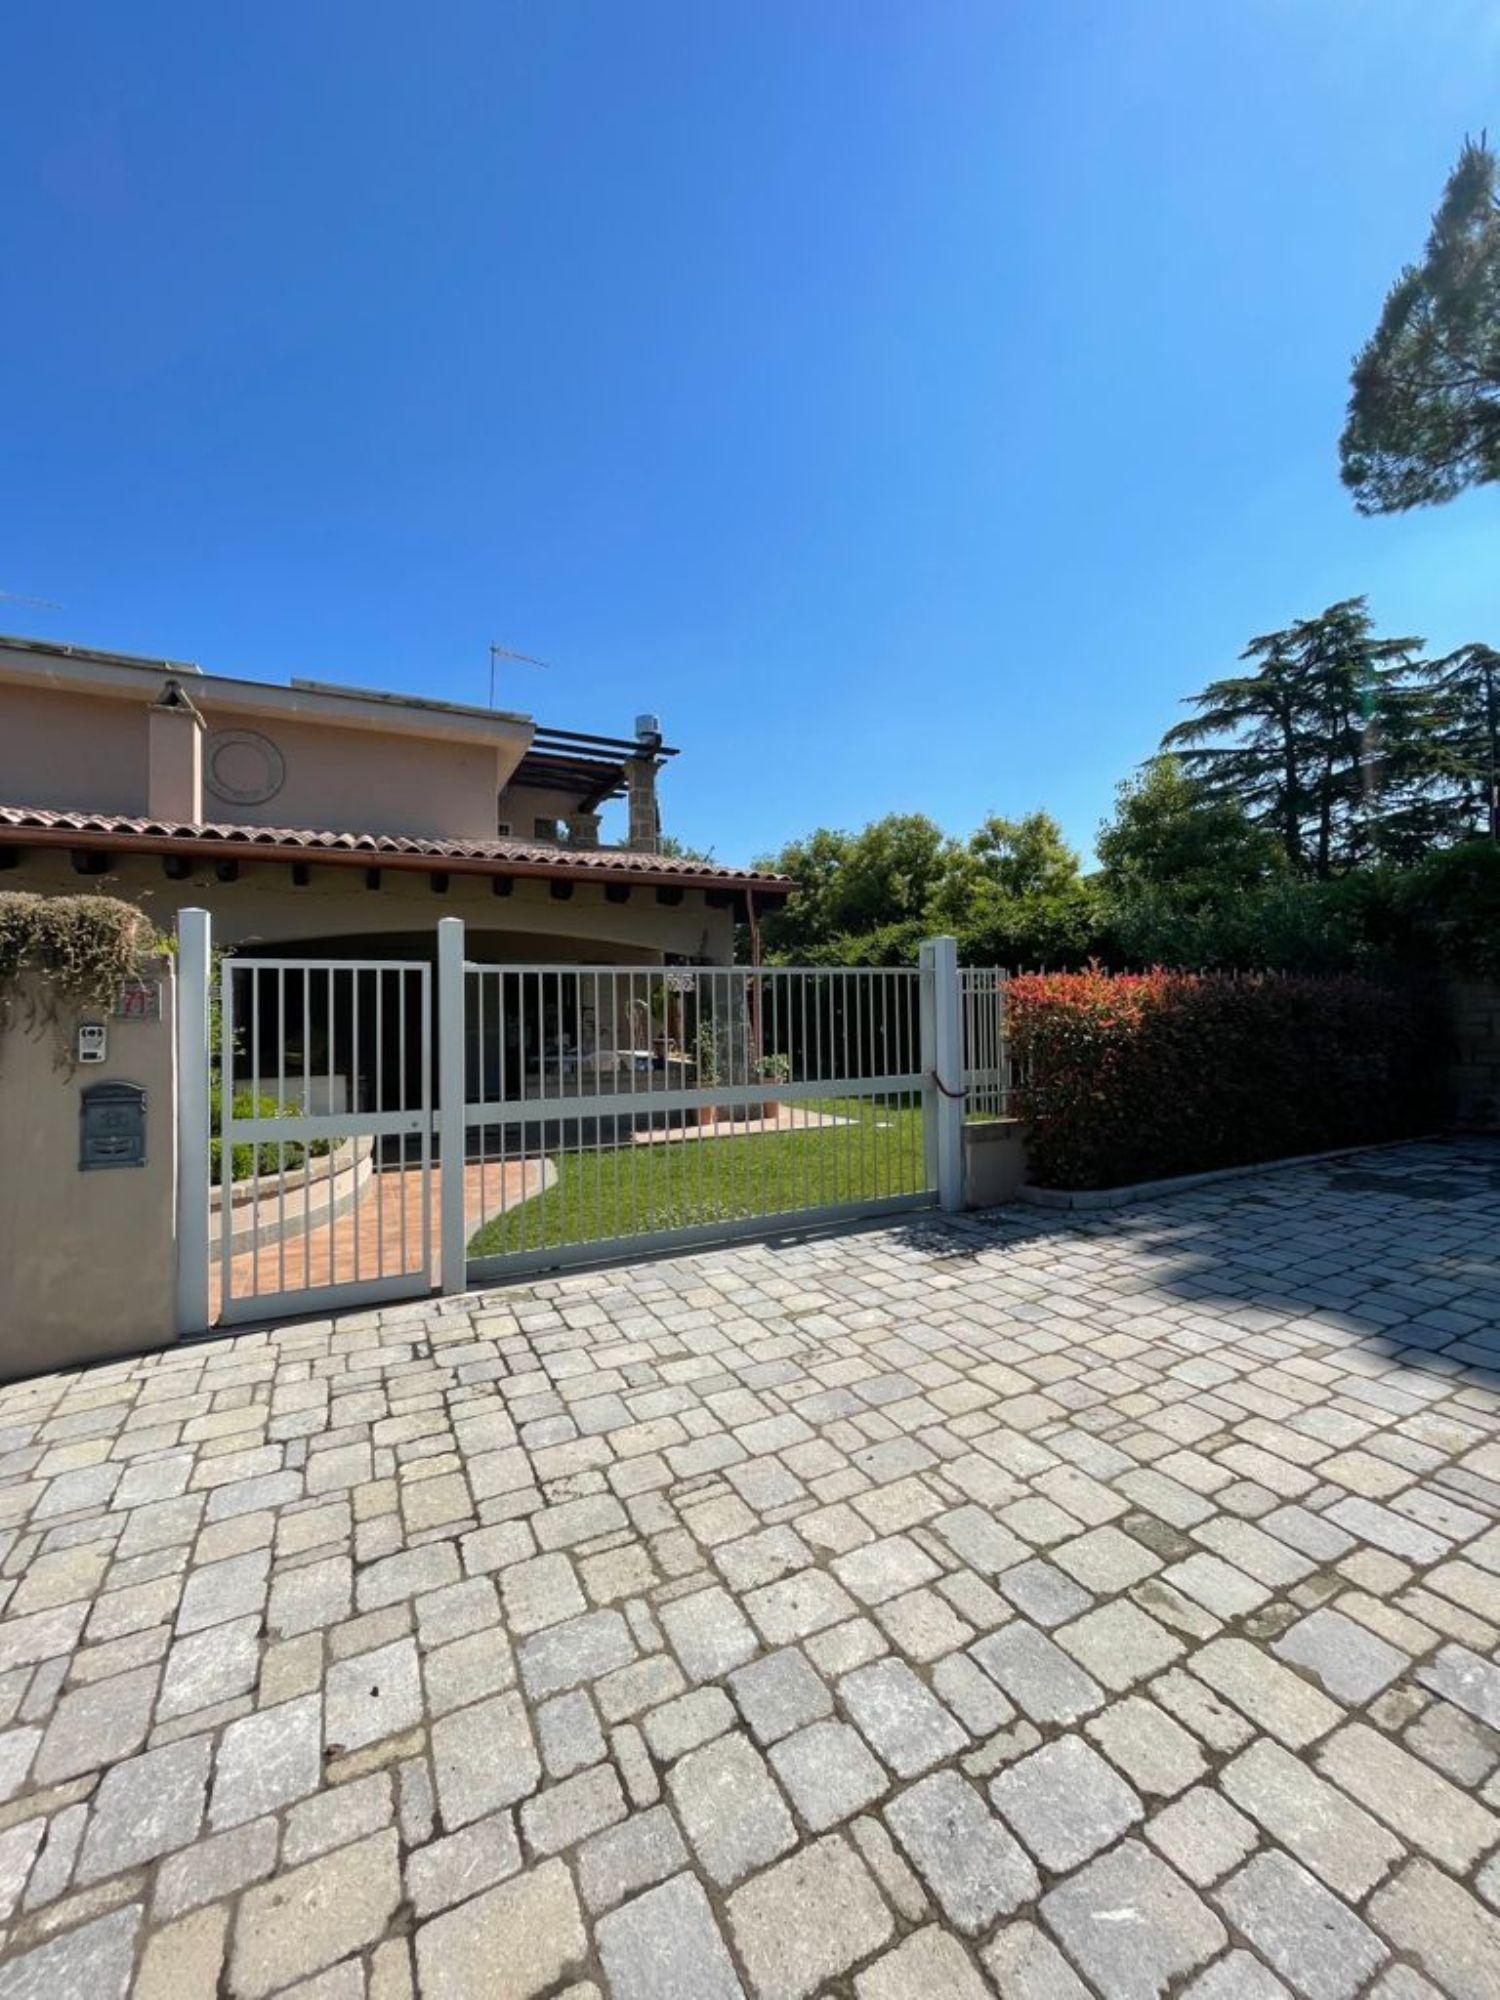 Villa a Schiera in vendita a Marino, 3 locali, prezzo € 299.000 | CambioCasa.it